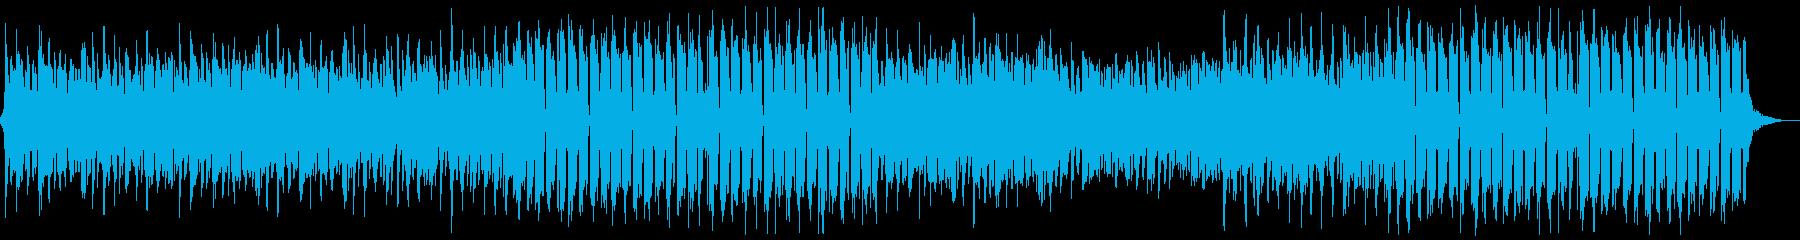 耳に残るフューチャーベースの再生済みの波形